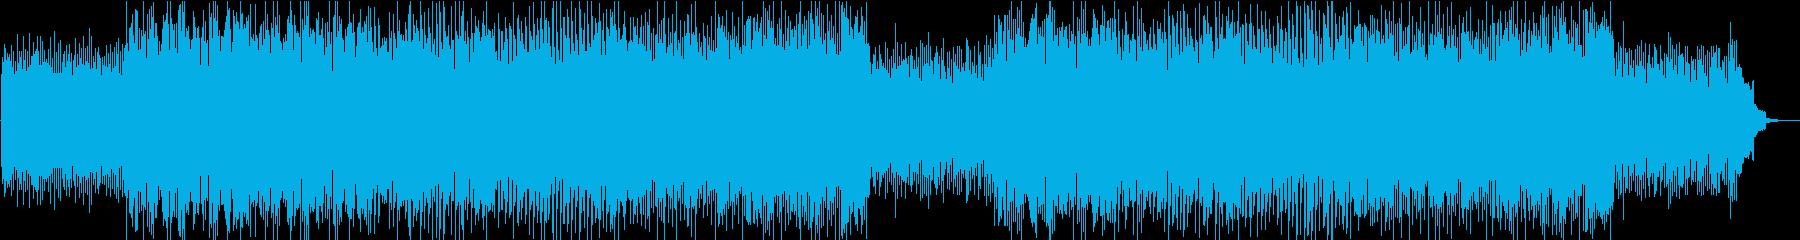 軽快で前向きな雰囲気のソフトロックの再生済みの波形